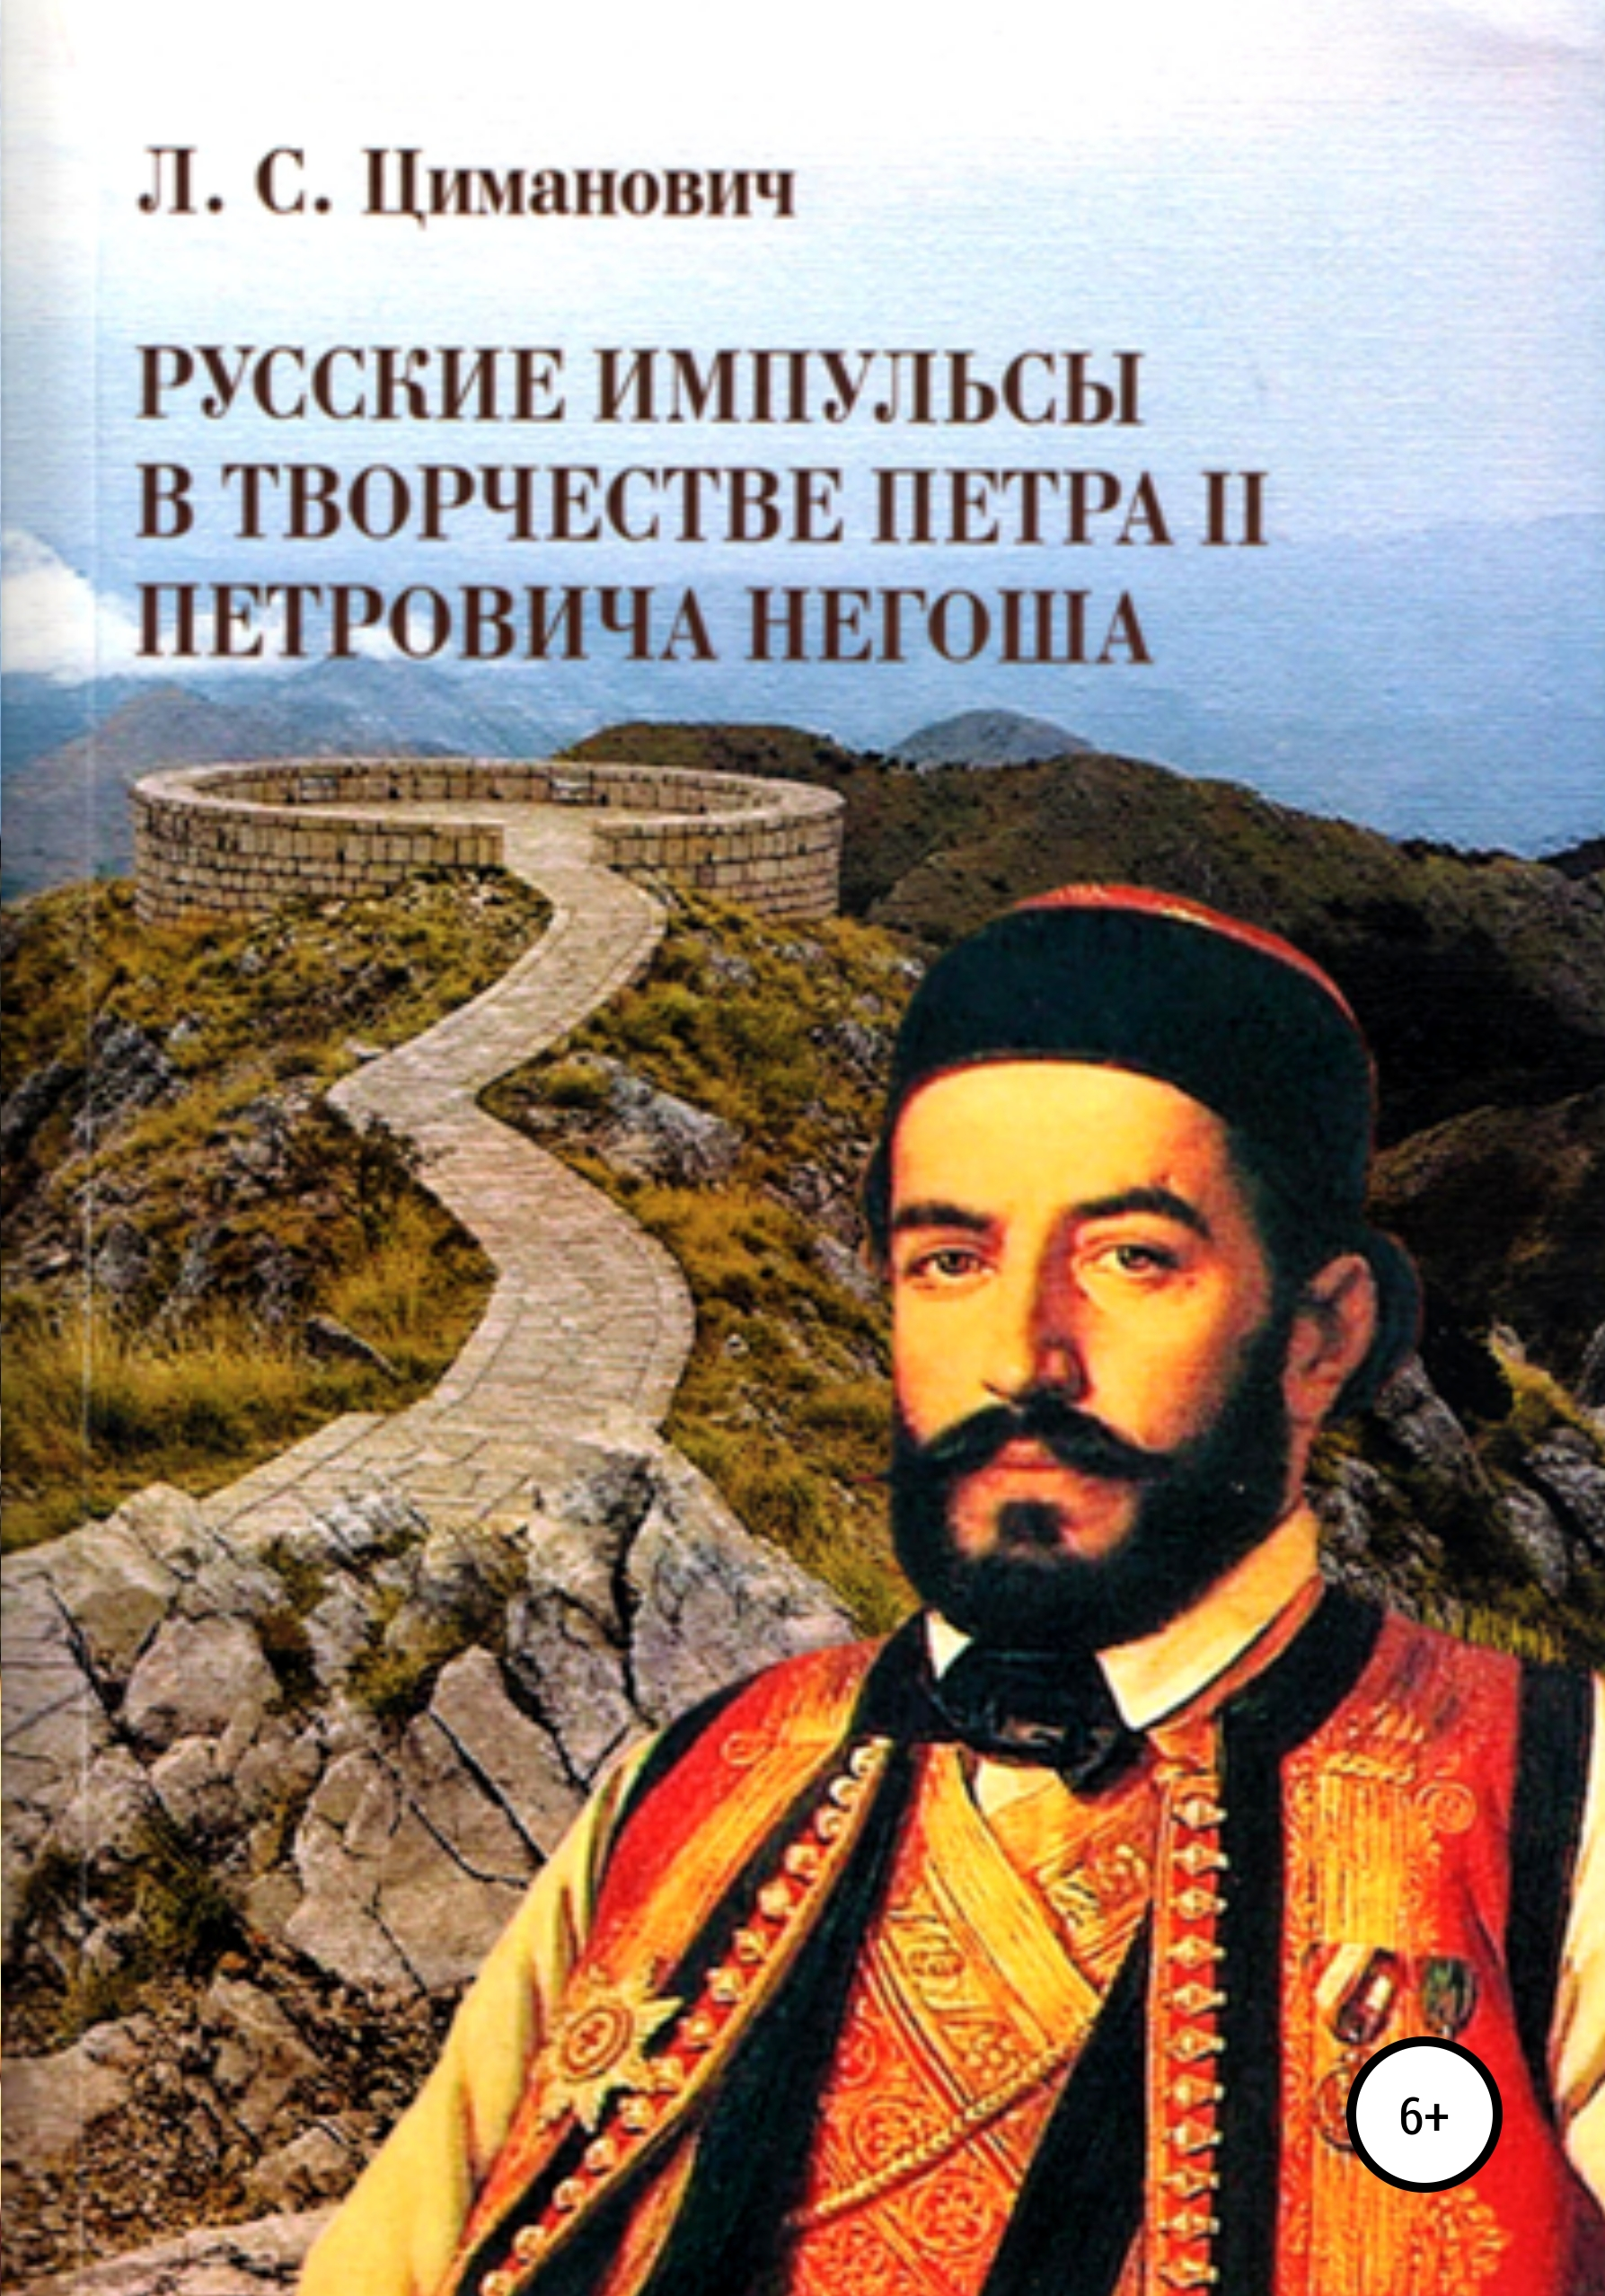 Купить книгу Русские импульсы в творчестве Петра II Петровича Негоша, автора Людмилы Циманович